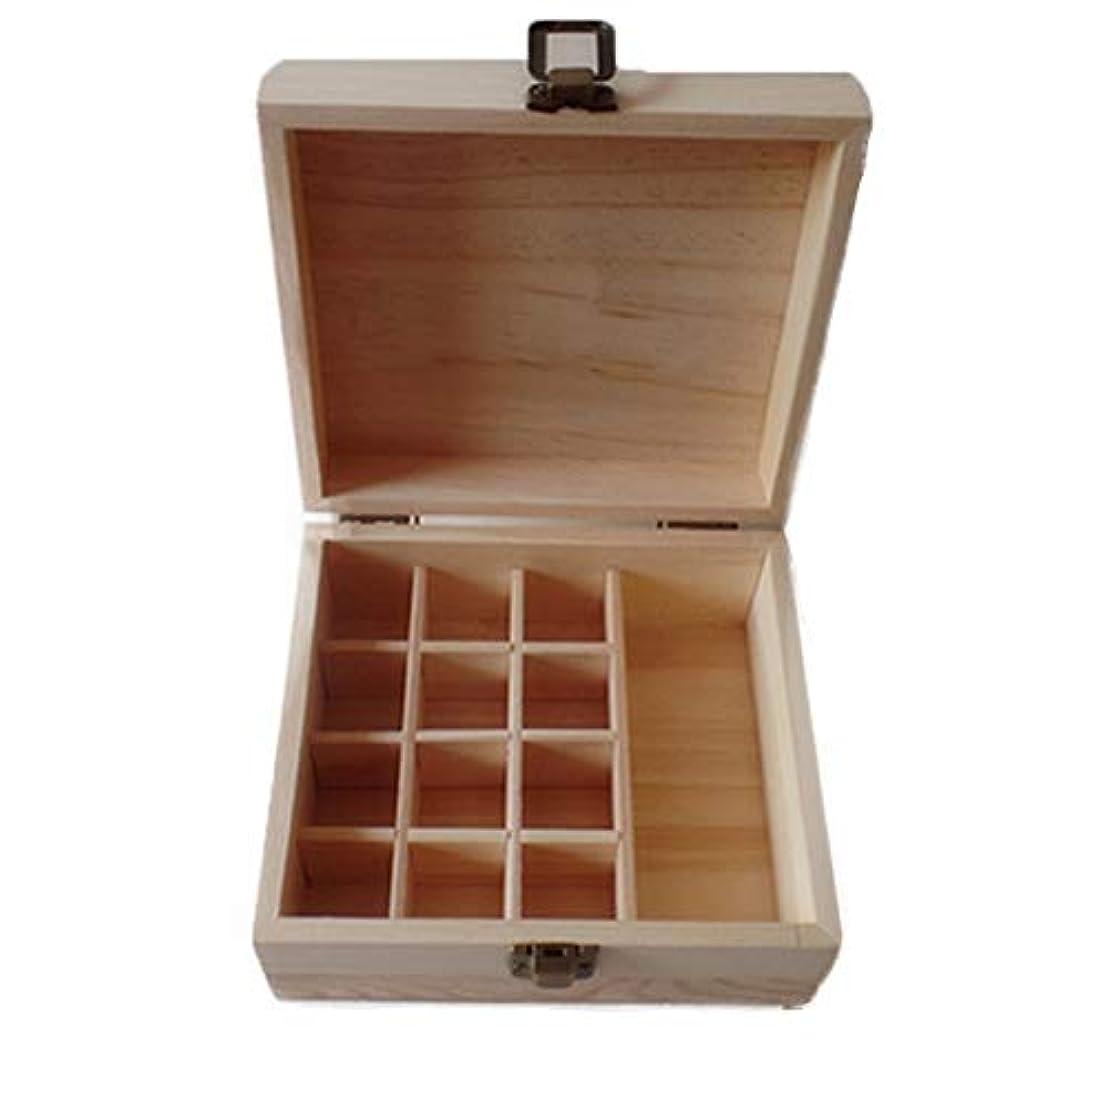 キャップシットコム書道エッセンシャルオイルボックス パーフェクトプレゼンテーションディスプレイ13スロットの精油木製収納木箱 アロマセラピー収納ボックス (色 : Natural, サイズ : 15X16.9X8CM)